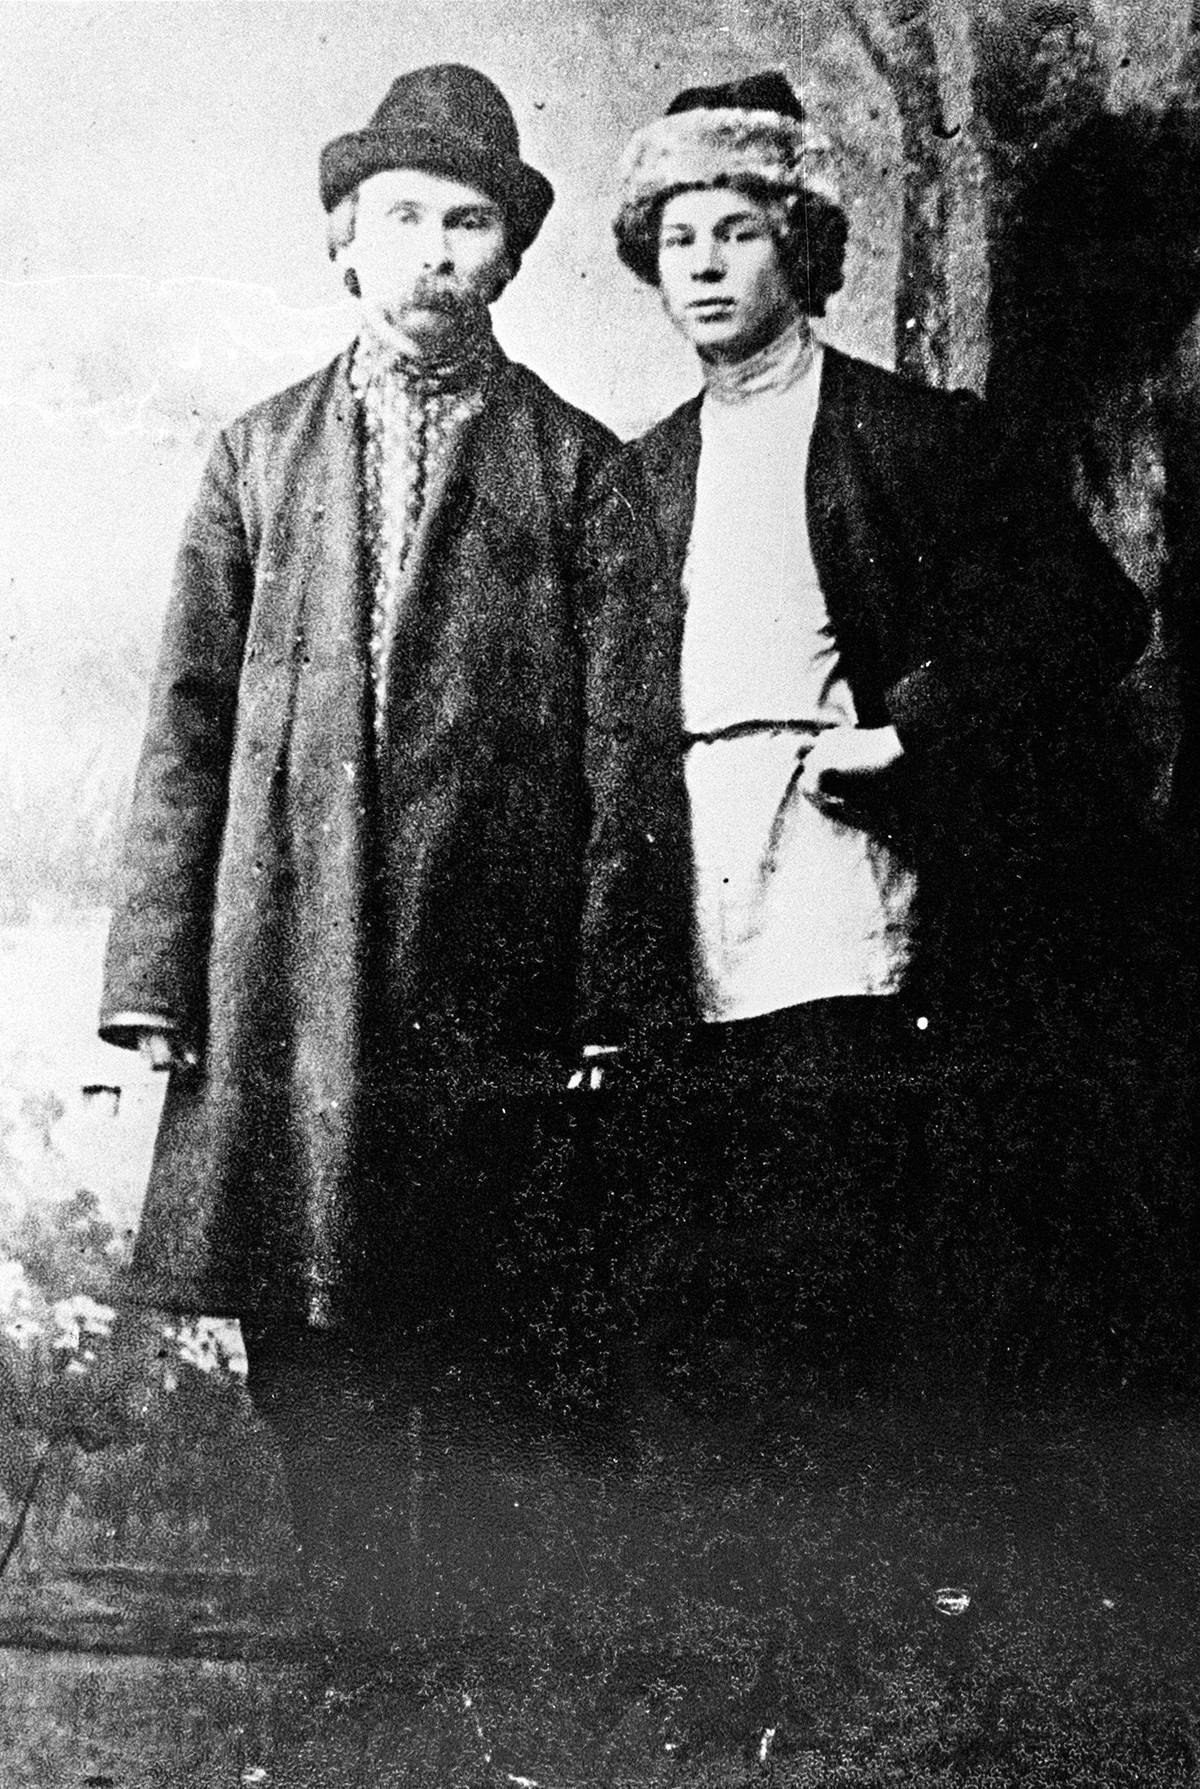 'Peasant poets' Nikolai Klyuev and Sergei Yesenin (R) in Petrograd (current St. Petersburg), 1915